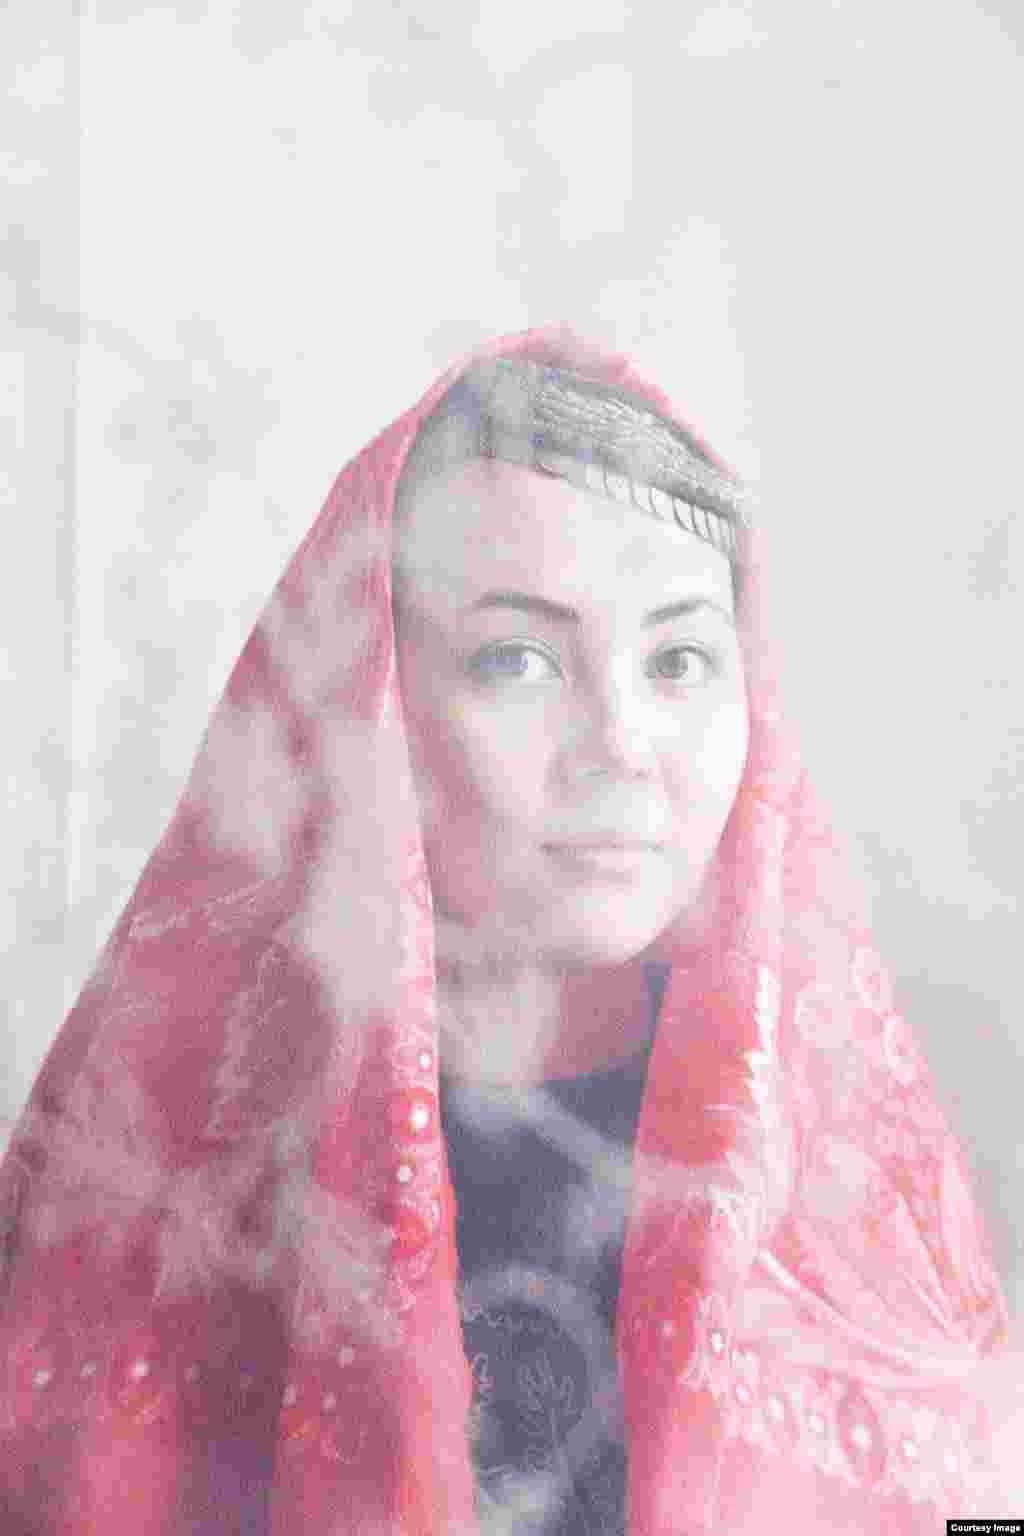 """Оксана, 24 жаста: """"Күйеуім орыс болса да, [мұсылманша] неке қию рәсімін өткізуге қарсы болған жоқ"""""""